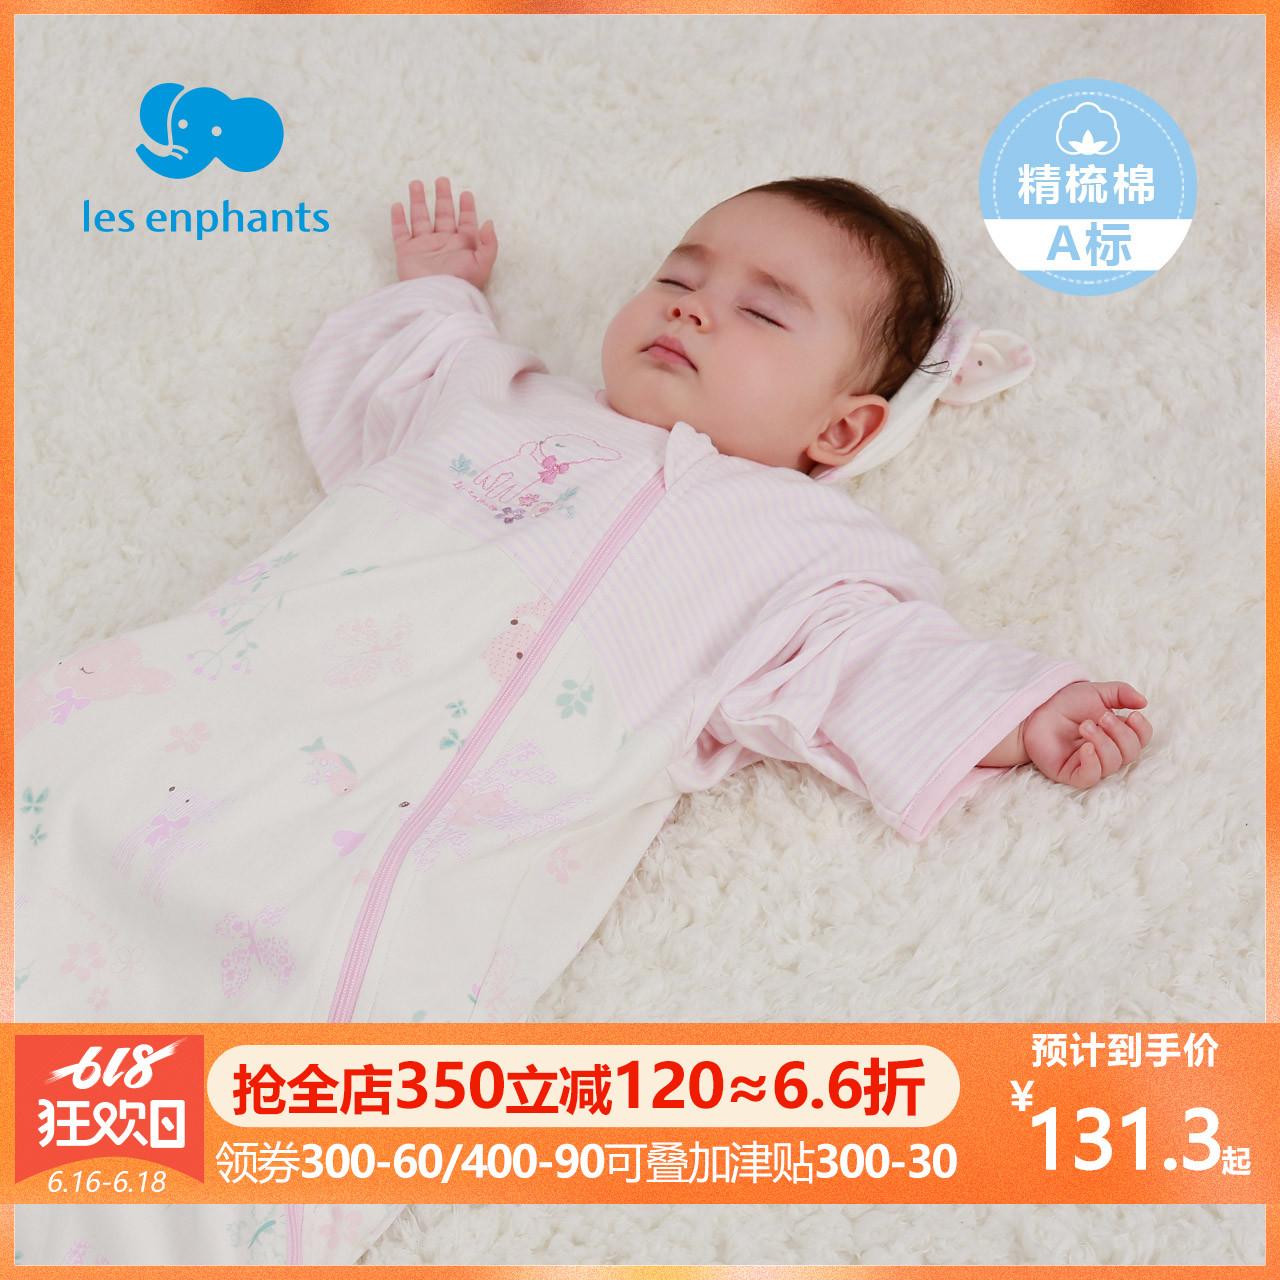 丽婴房寝具儿童睡袋春秋款男女宝卡通睡袋儿童7分袖抱抱防踢睡袋